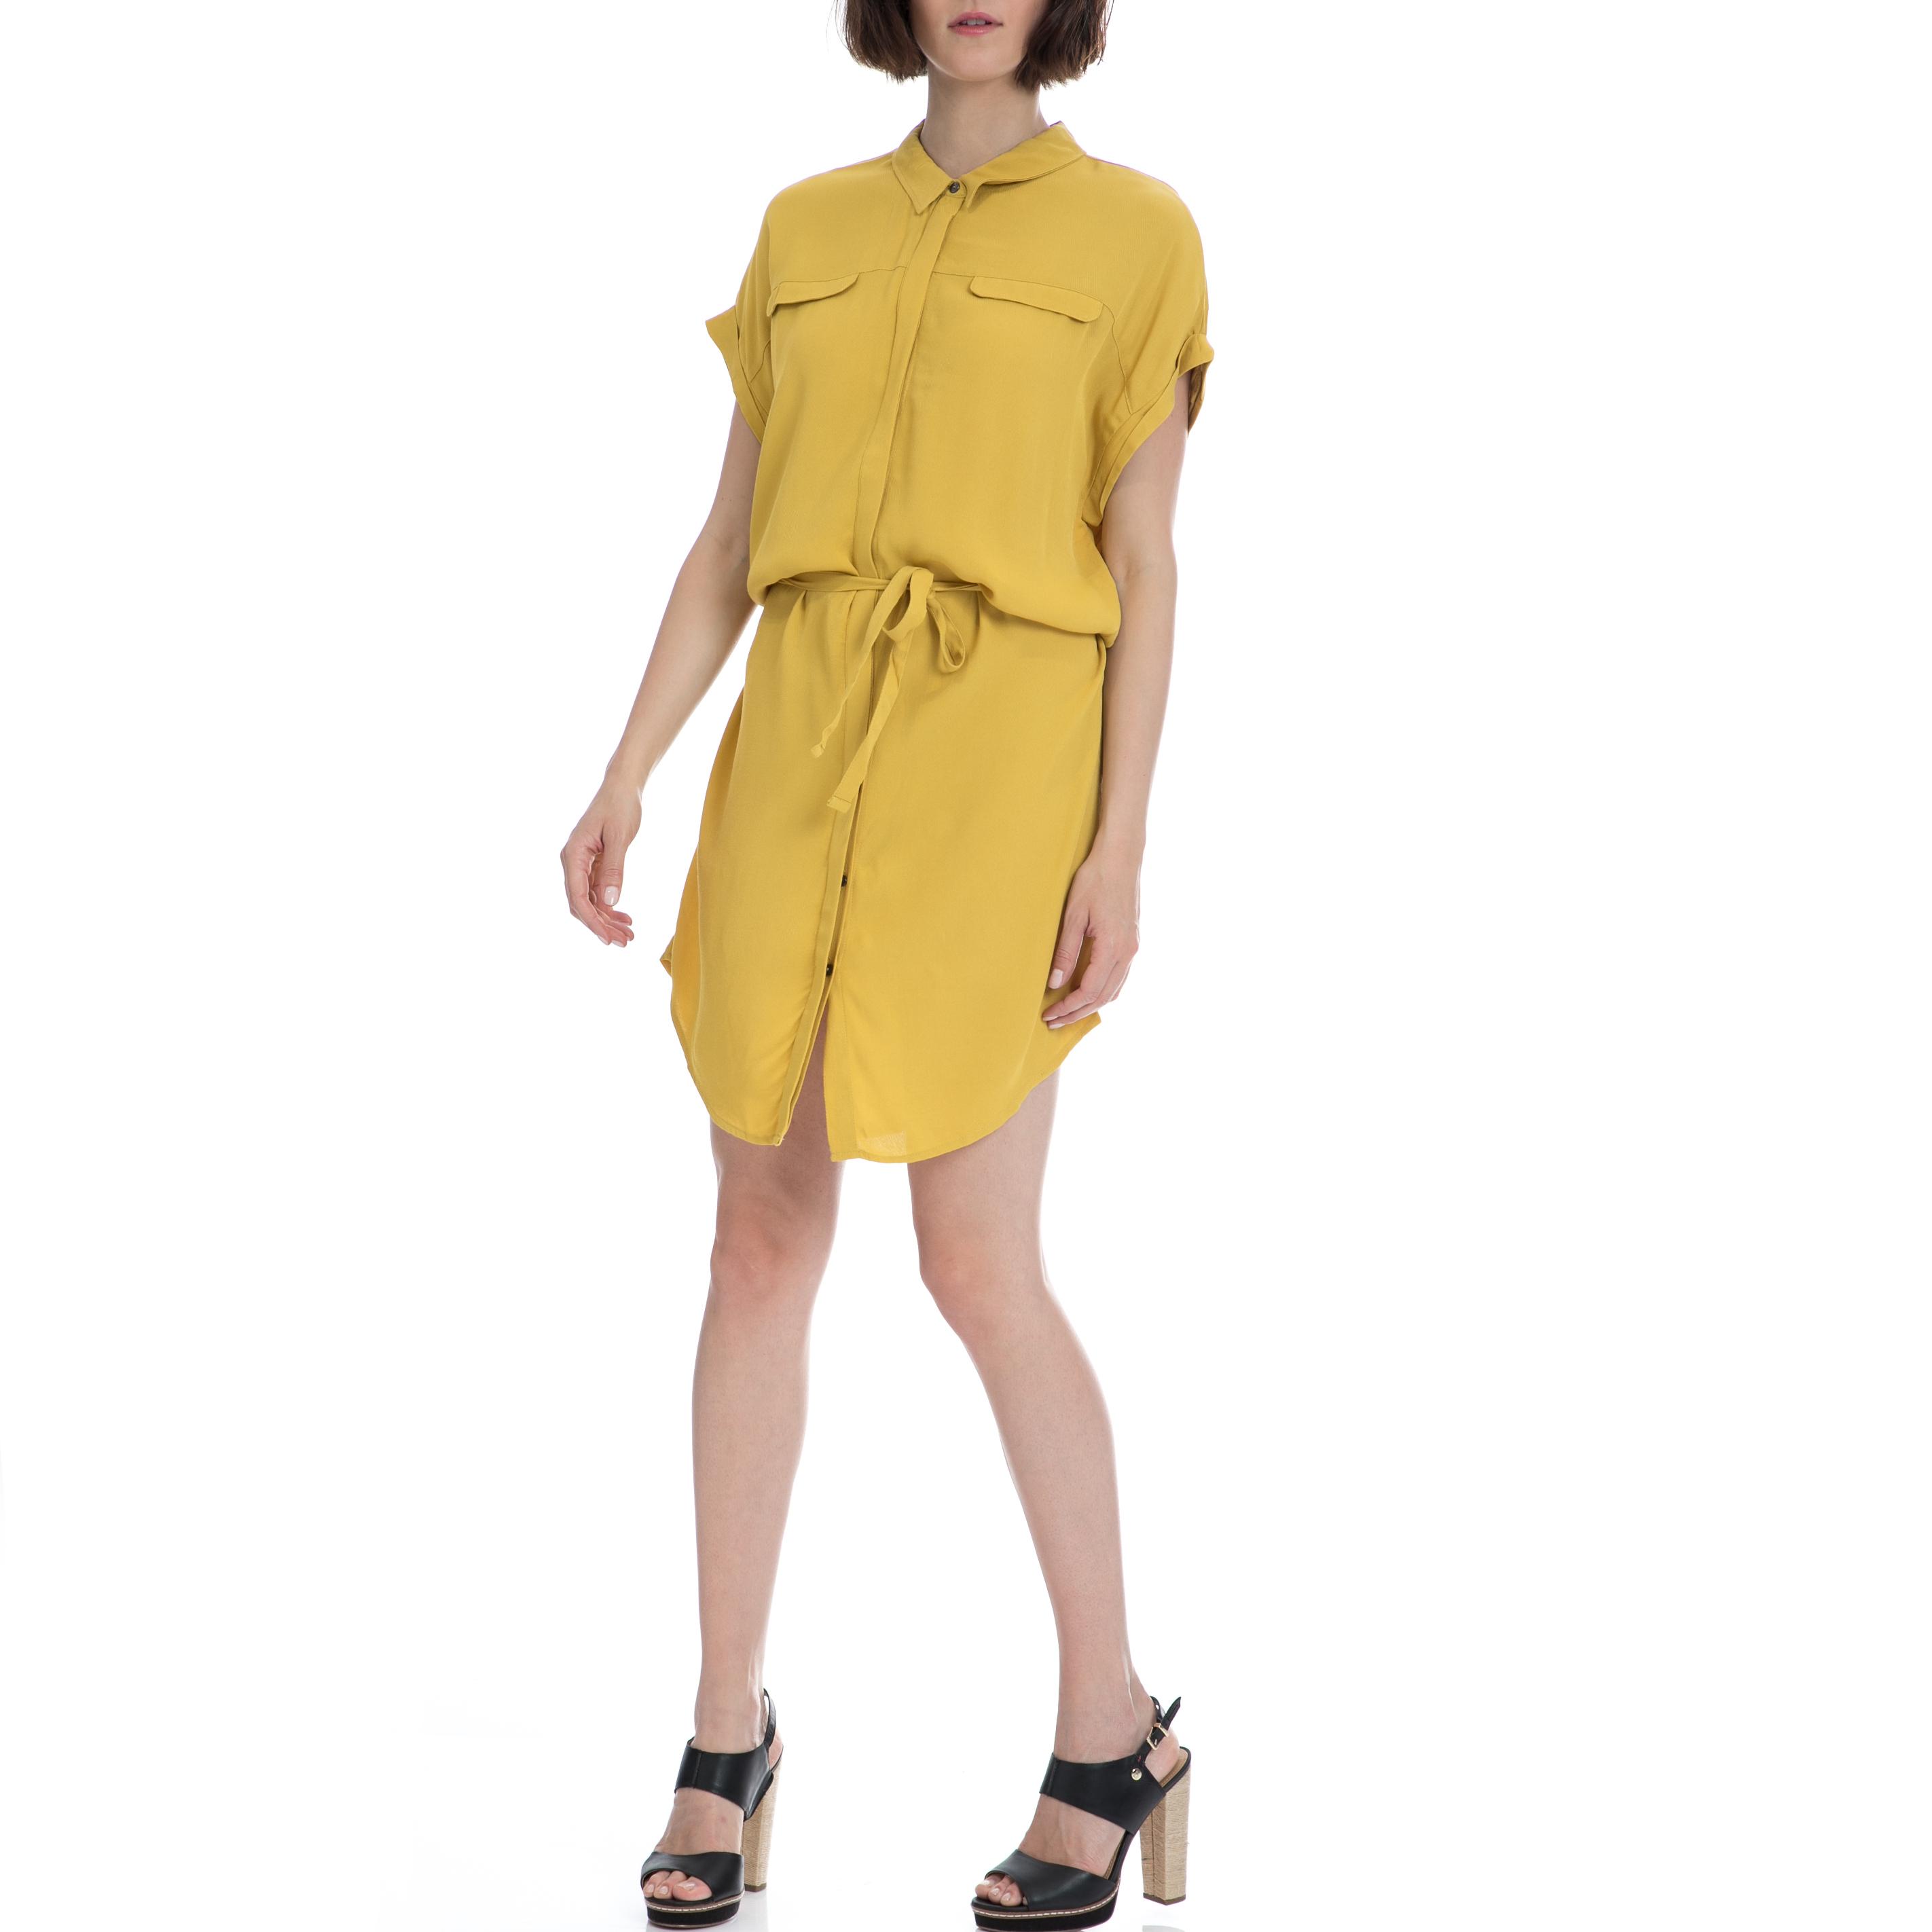 GARCIA JEANS - Γυναικείο φόρεμα Garcia Jeans κίτρινο γυναικεία ρούχα φορέματα μίνι